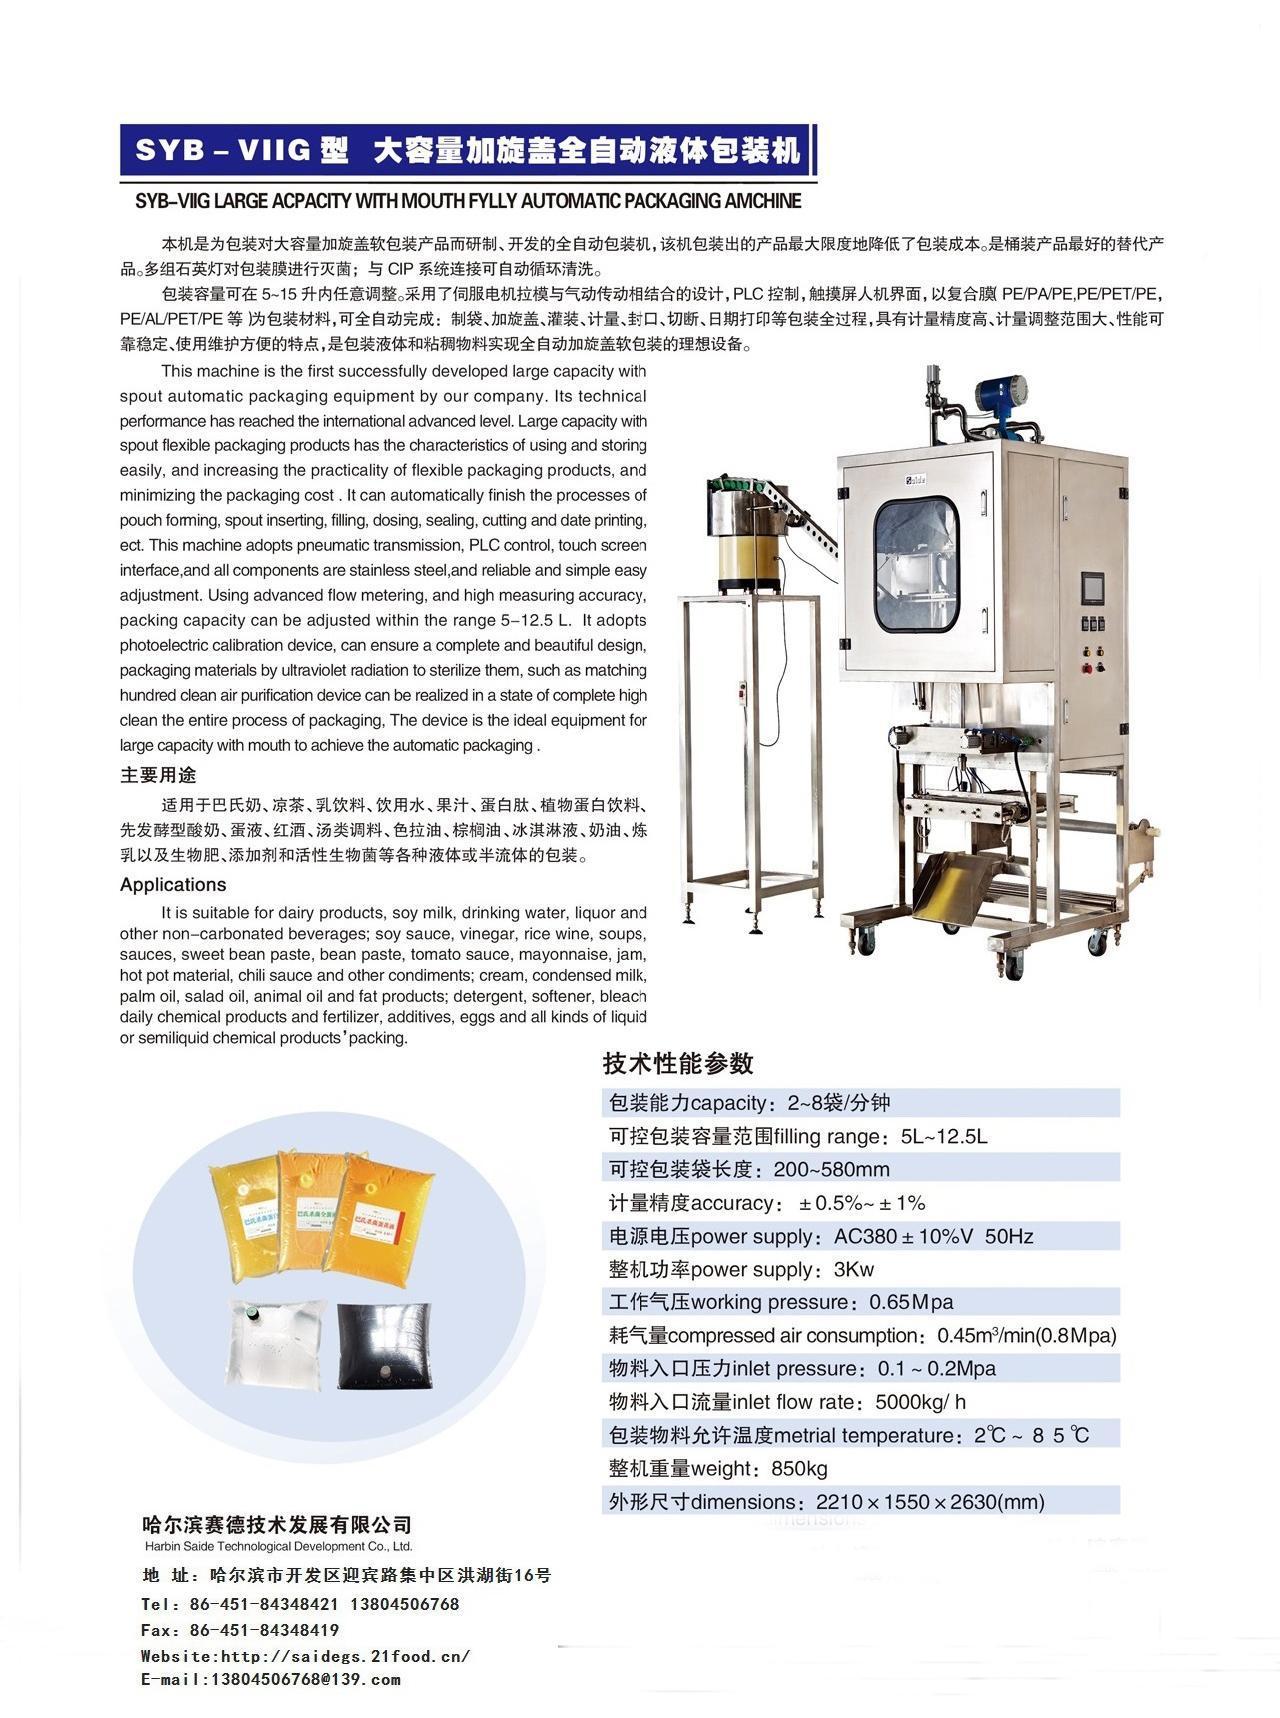 加嘴(旋盖)大容量包装机-大袋灌装机-袋装灌装装机